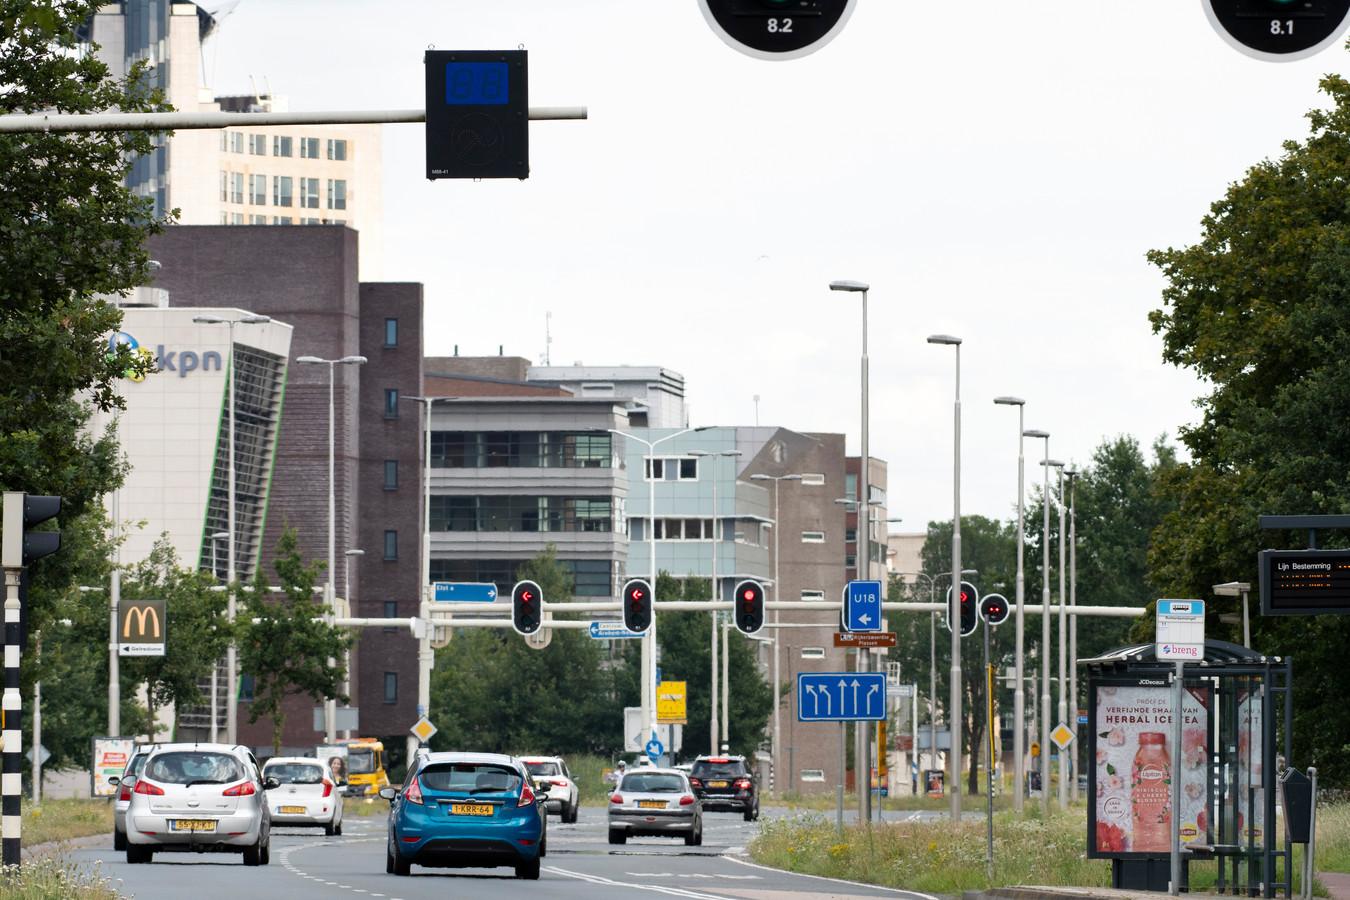 De 'groene golf' op Burgemeester Matsersingel in Arnhem-Zuid. De bordjes boven de weg staan op zwart vanwege de coronapandemie.